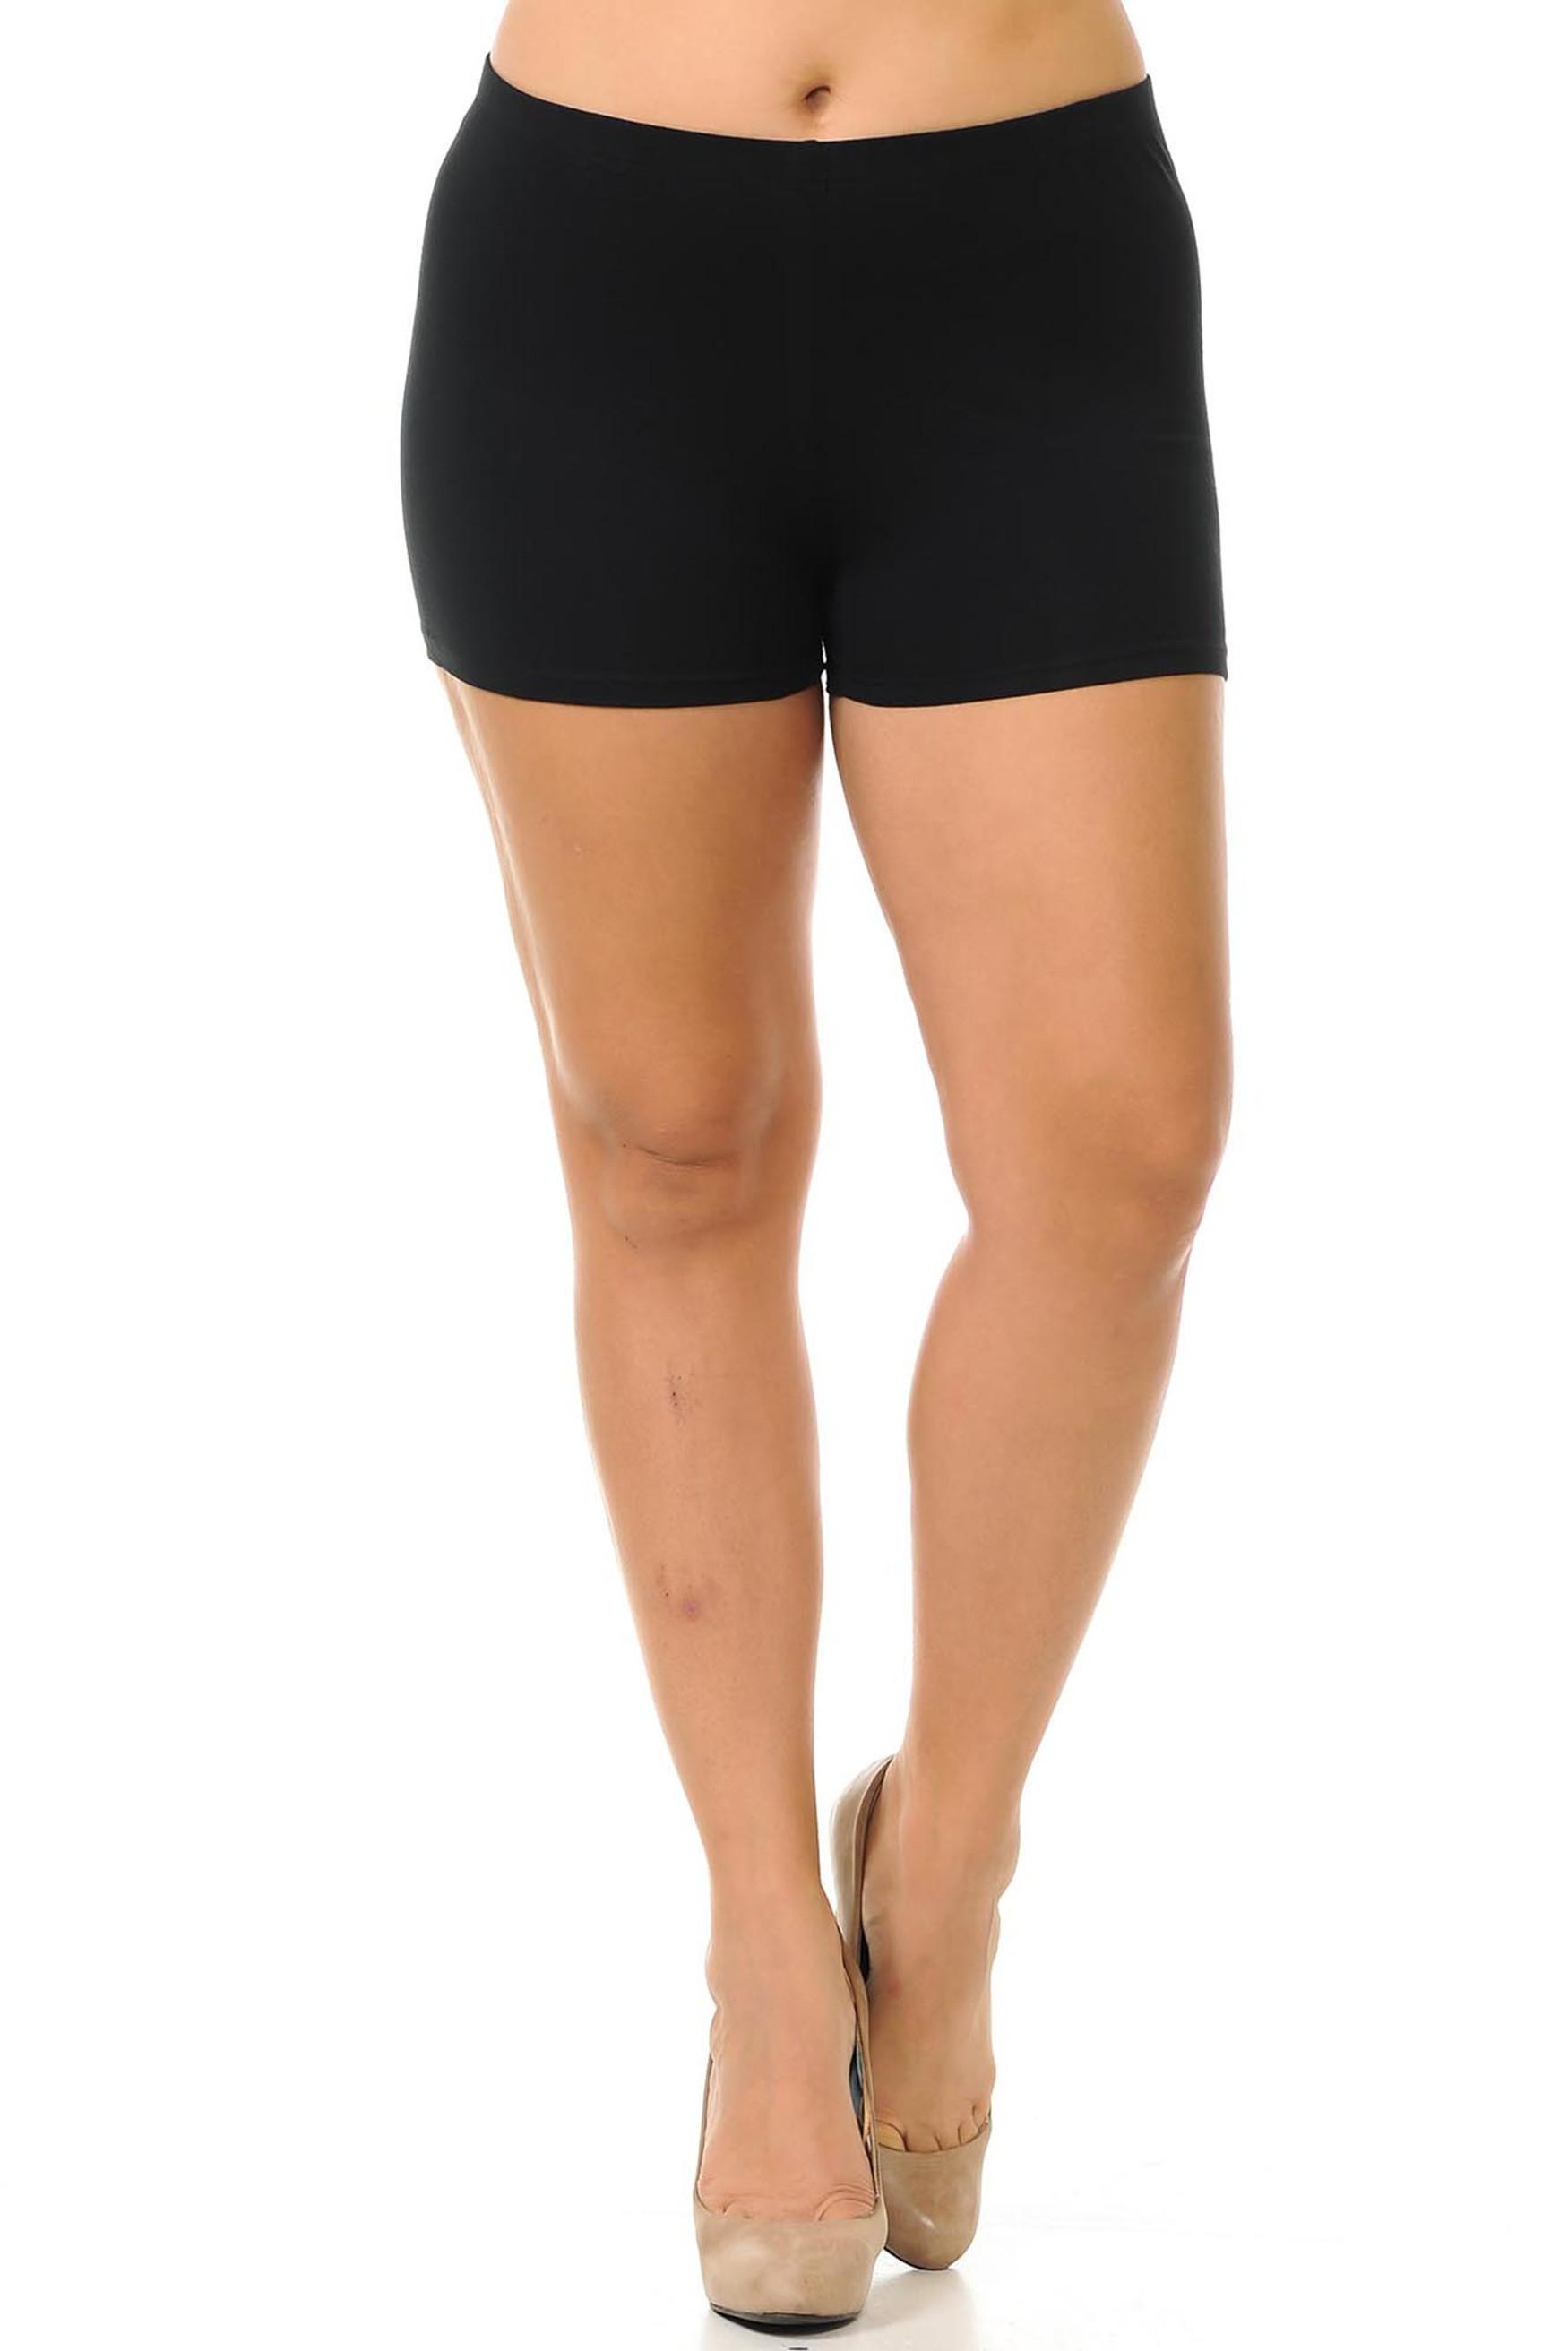 USA Plus Size Cotton Boy Shorts